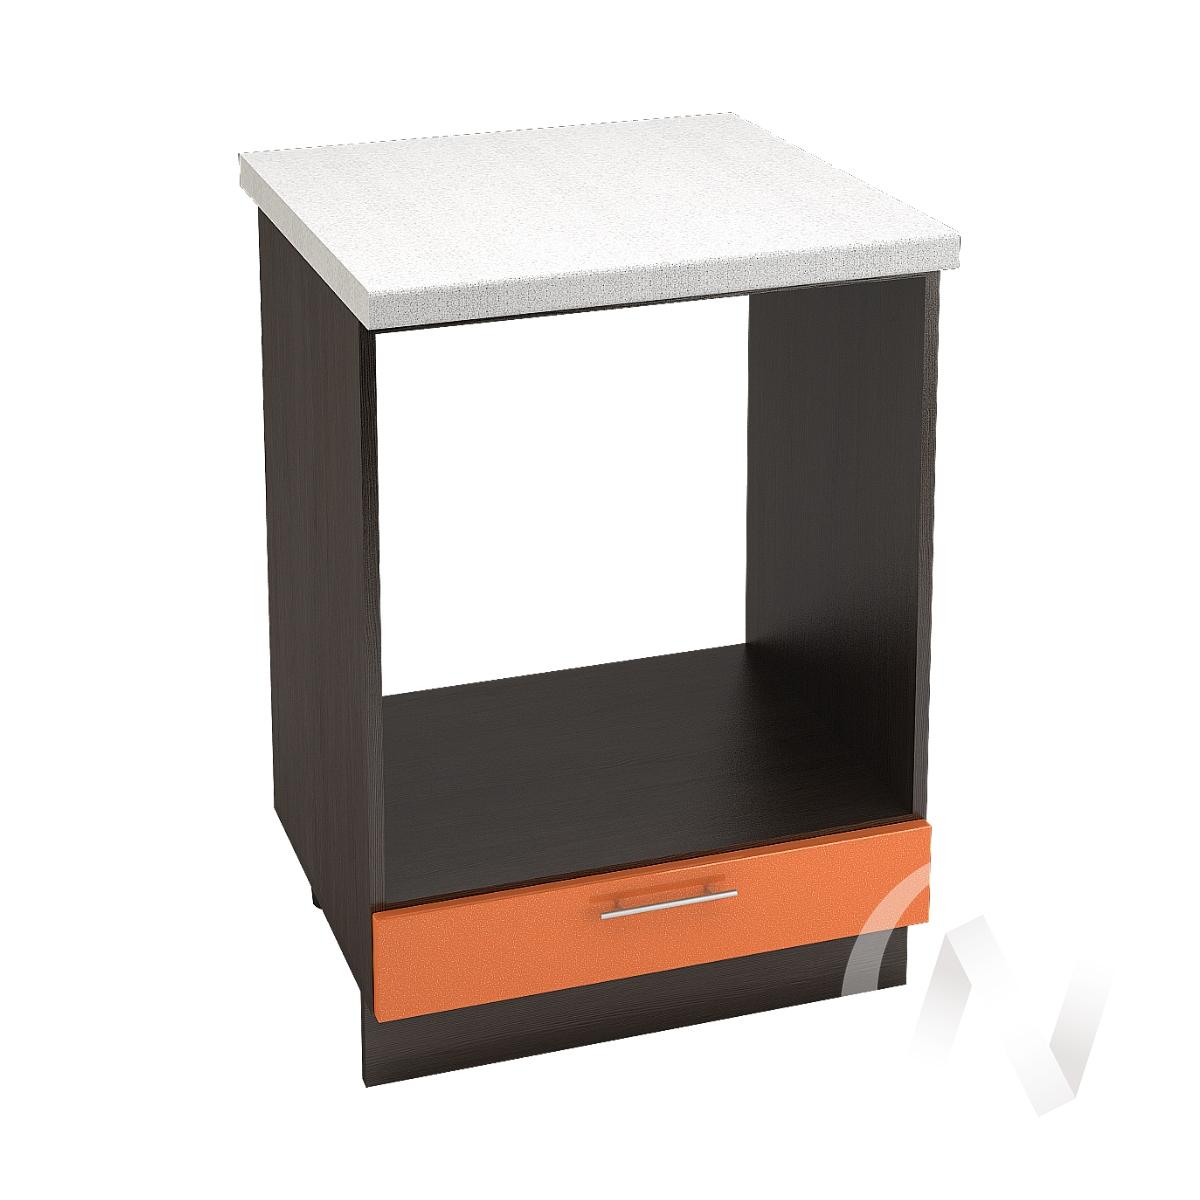 """Кухня """"Техно"""": Шкаф нижний под духовку 600, ШНД 600 (корпус венге)"""